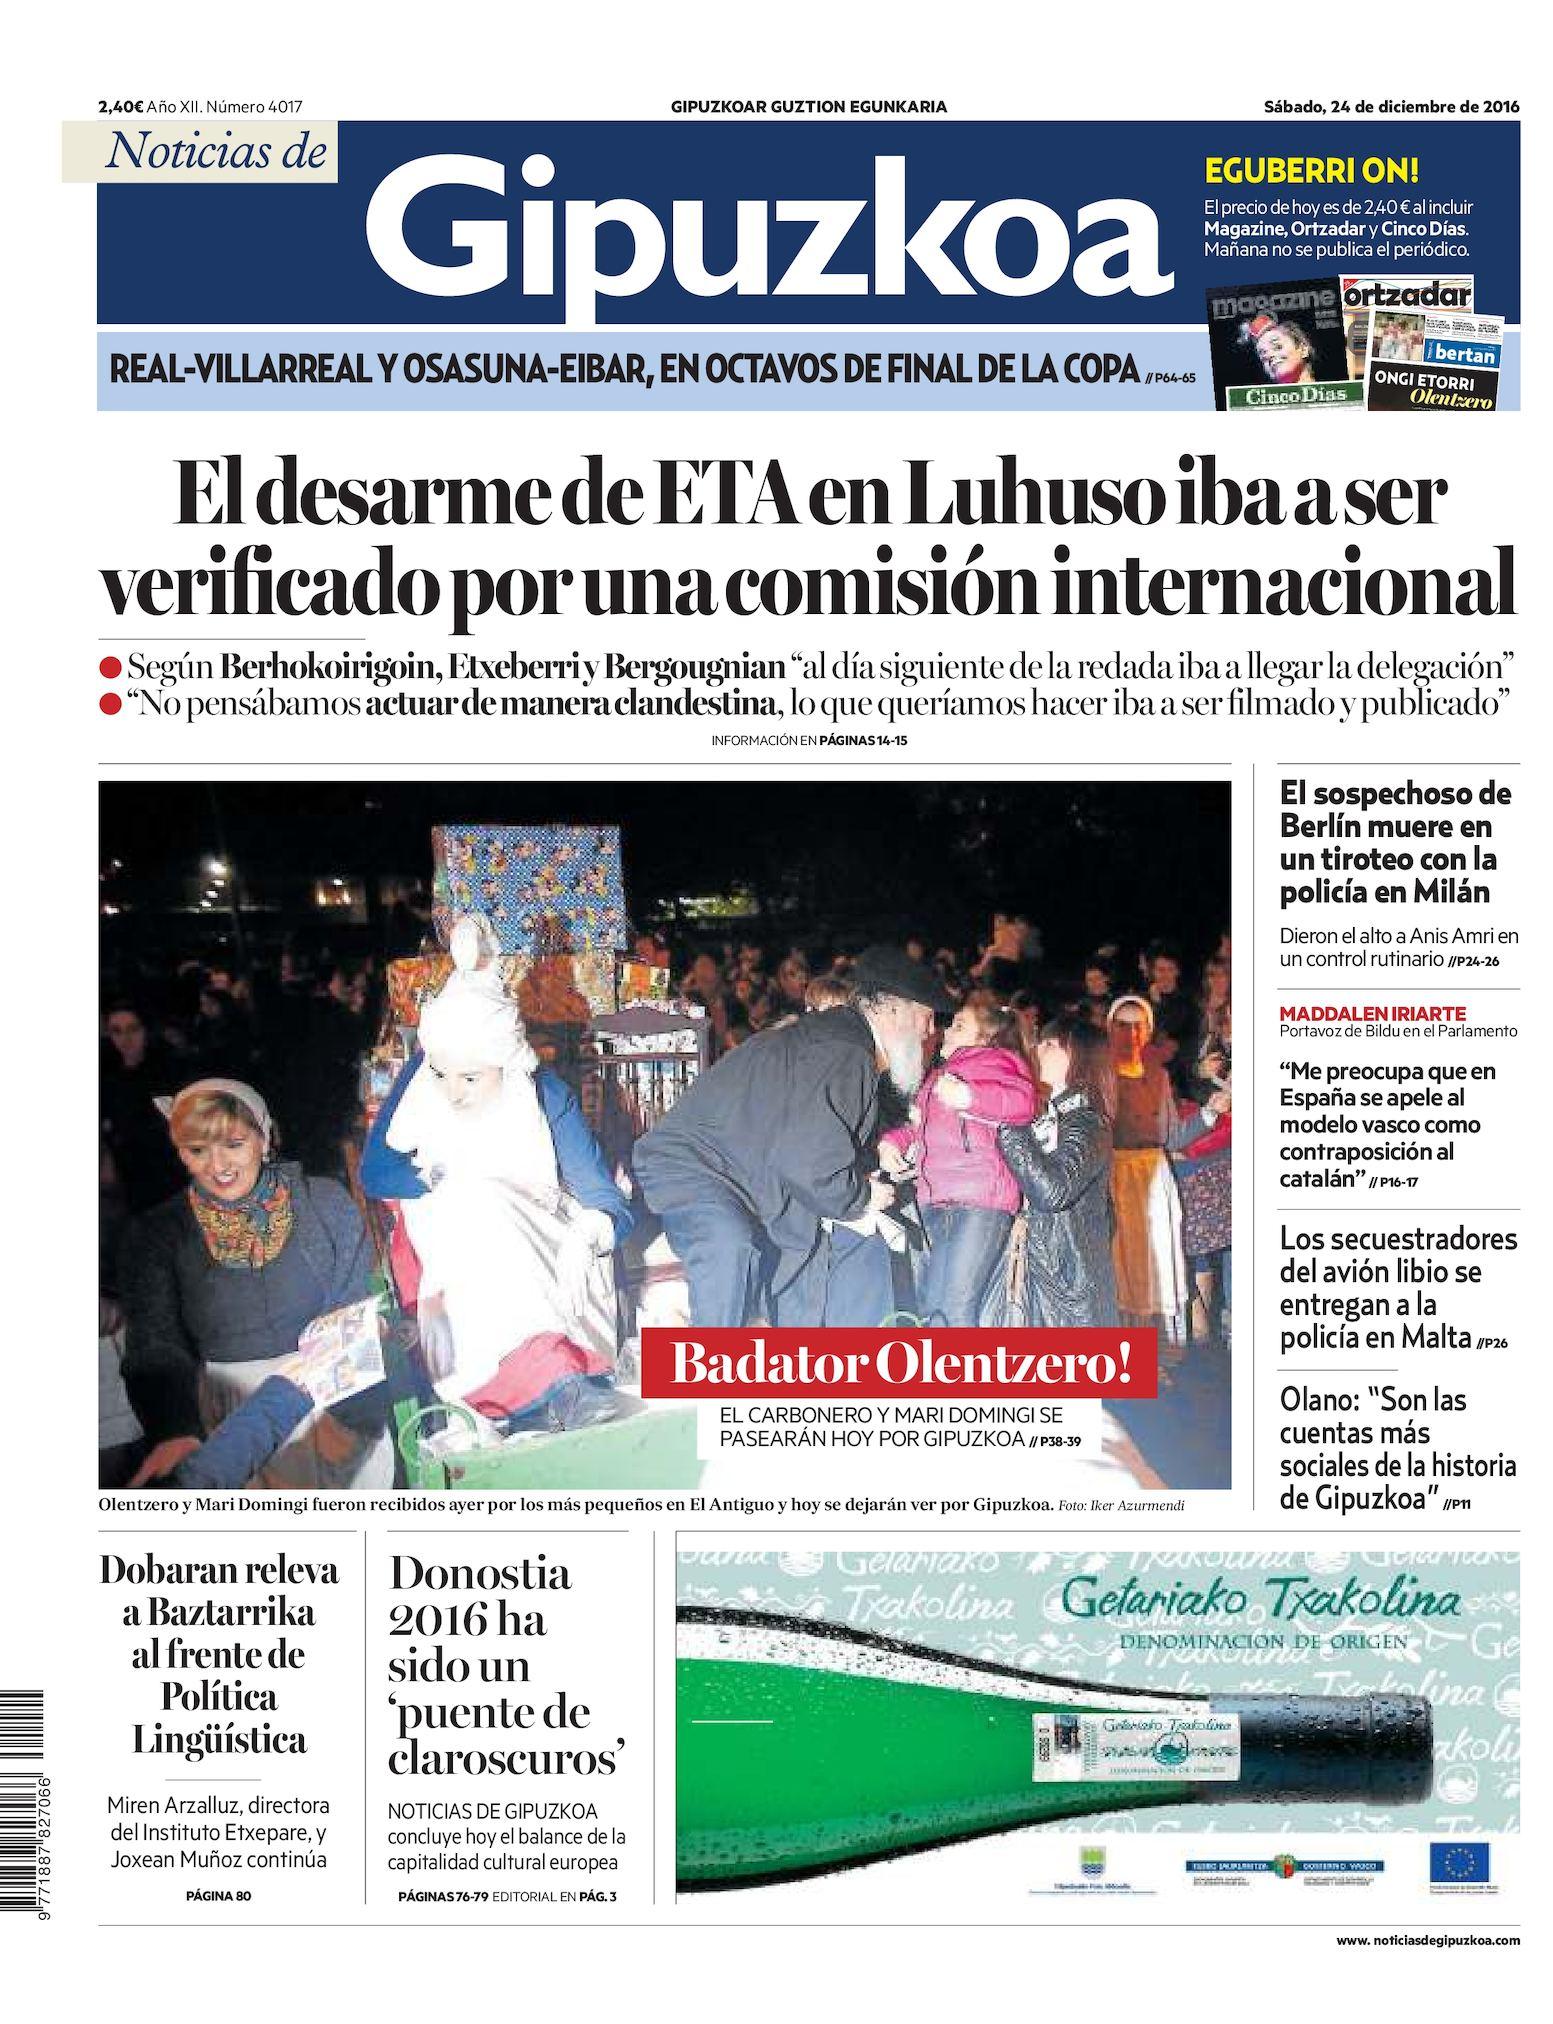 592ad6fddf99 Calaméo - Noticias de Gipuzkoa 20161224